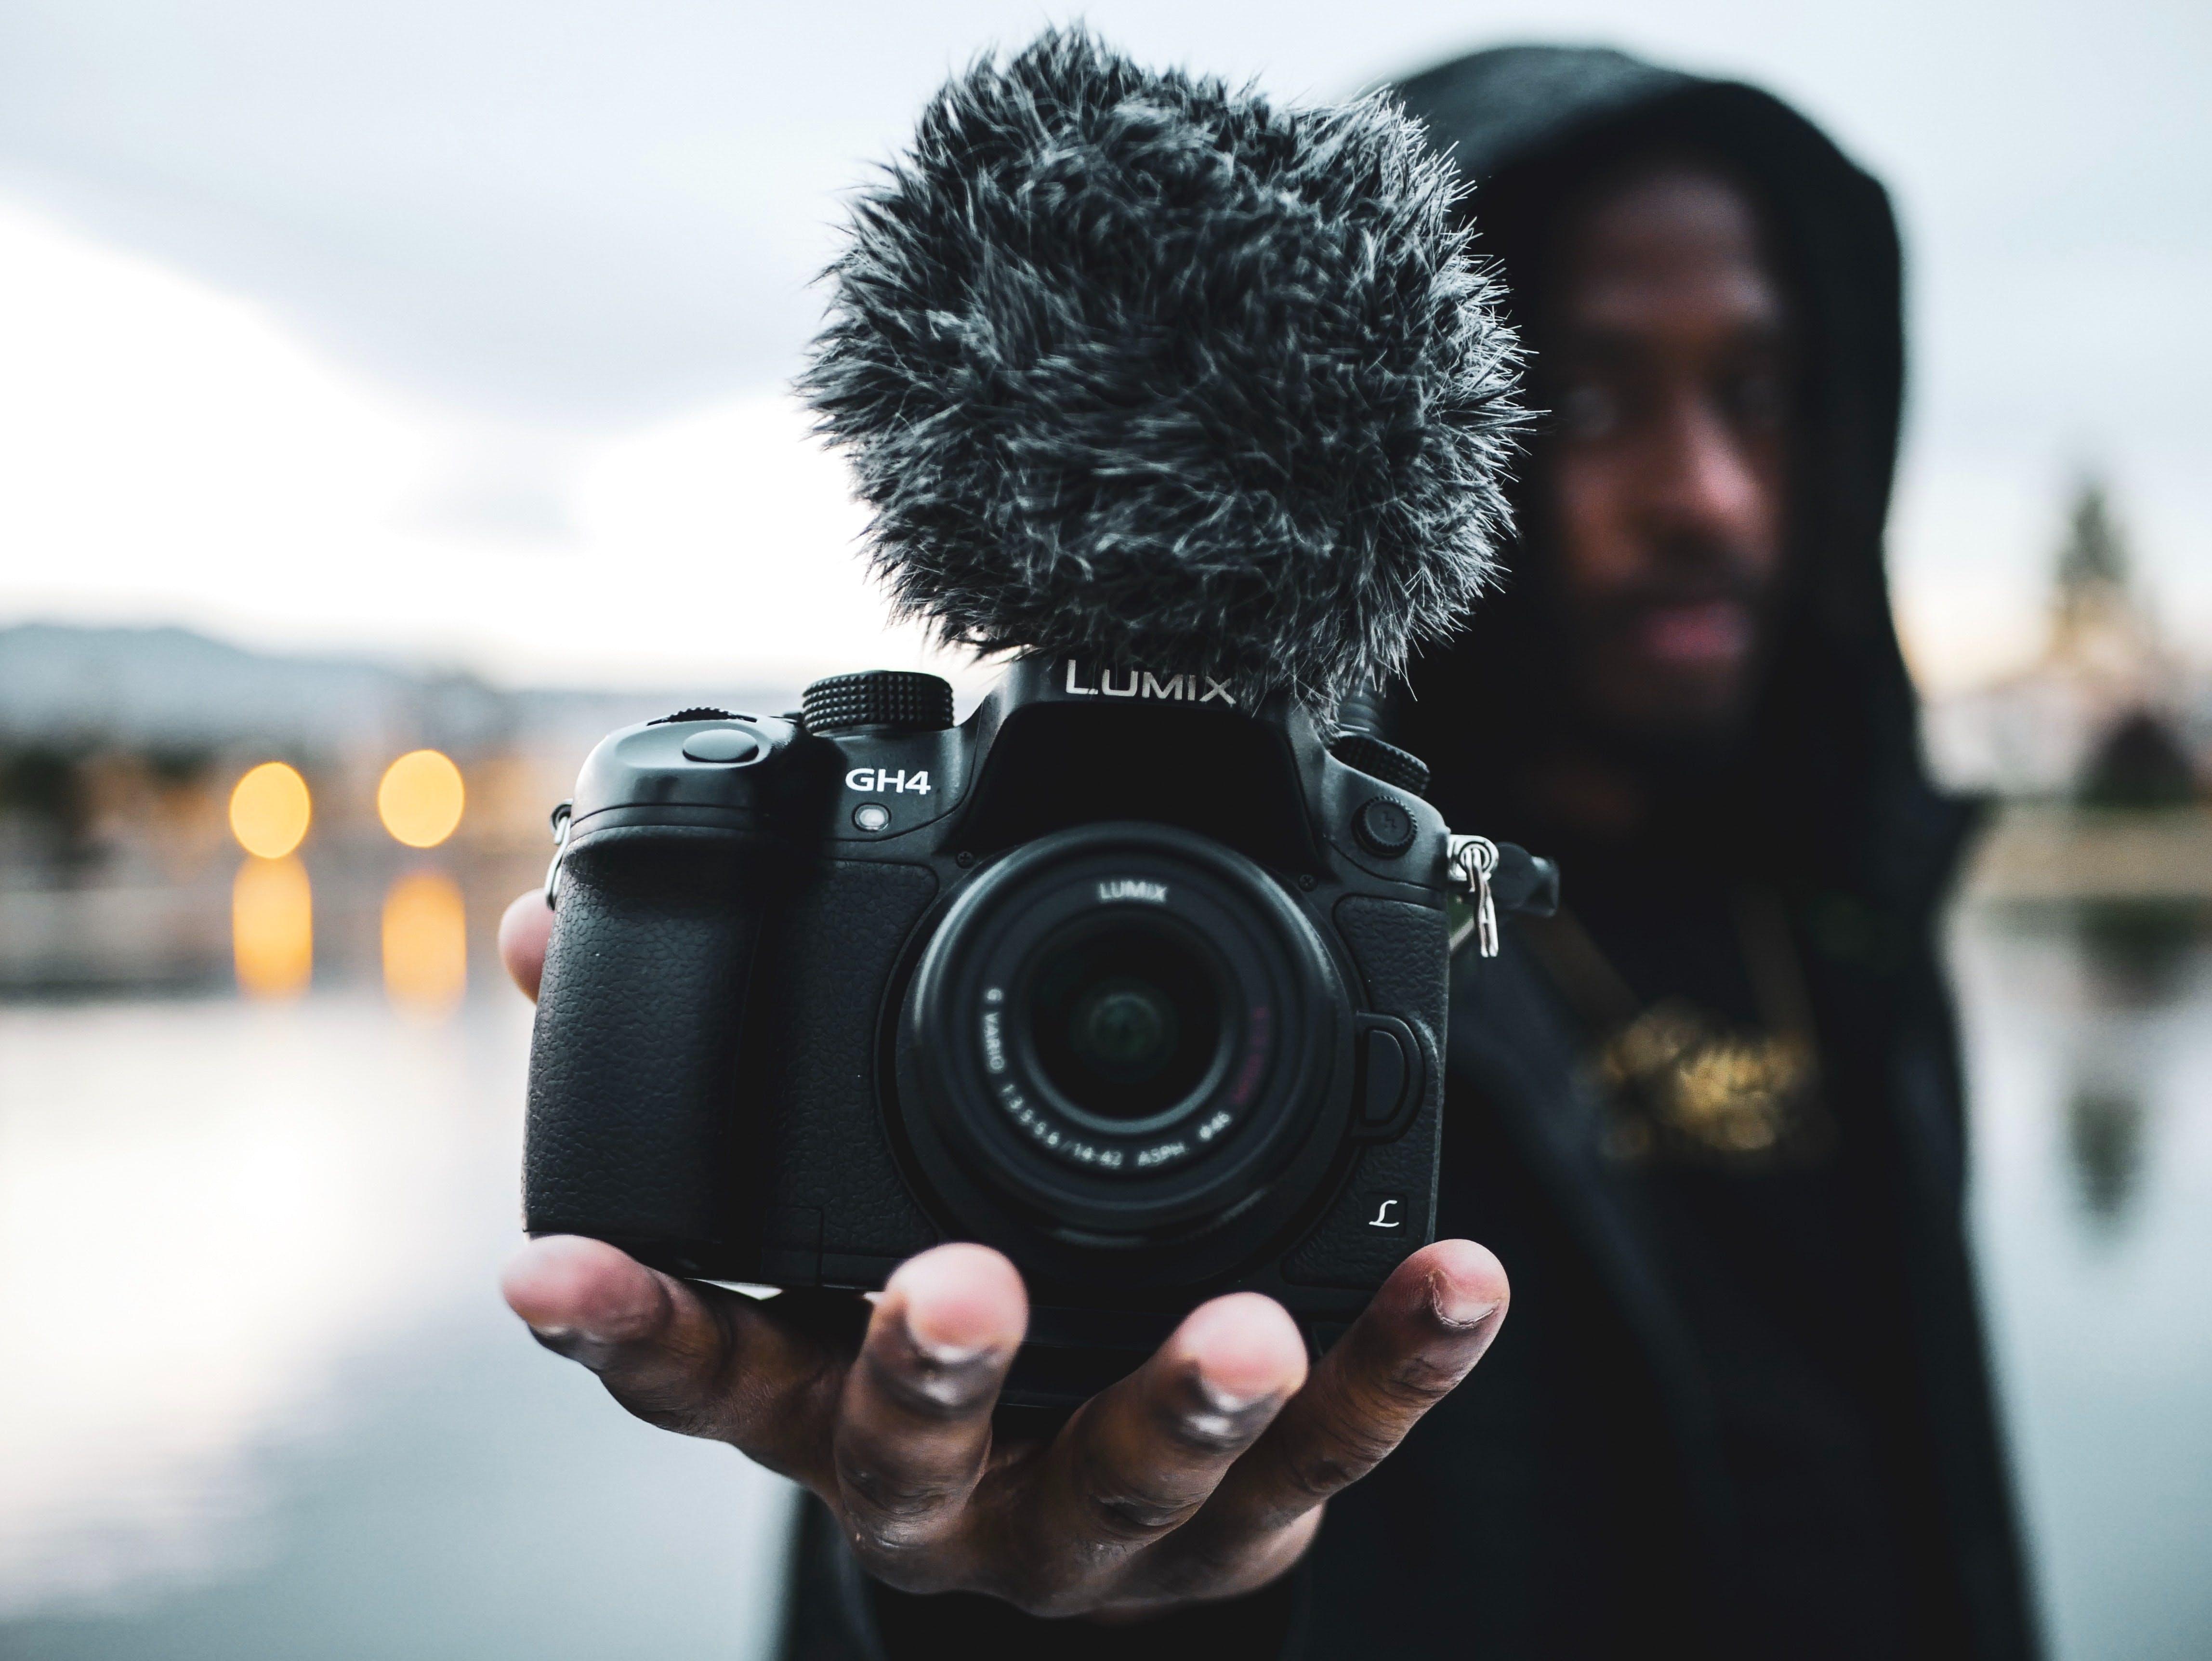 Lumix kamera med mick där bakgrunden är skymrad